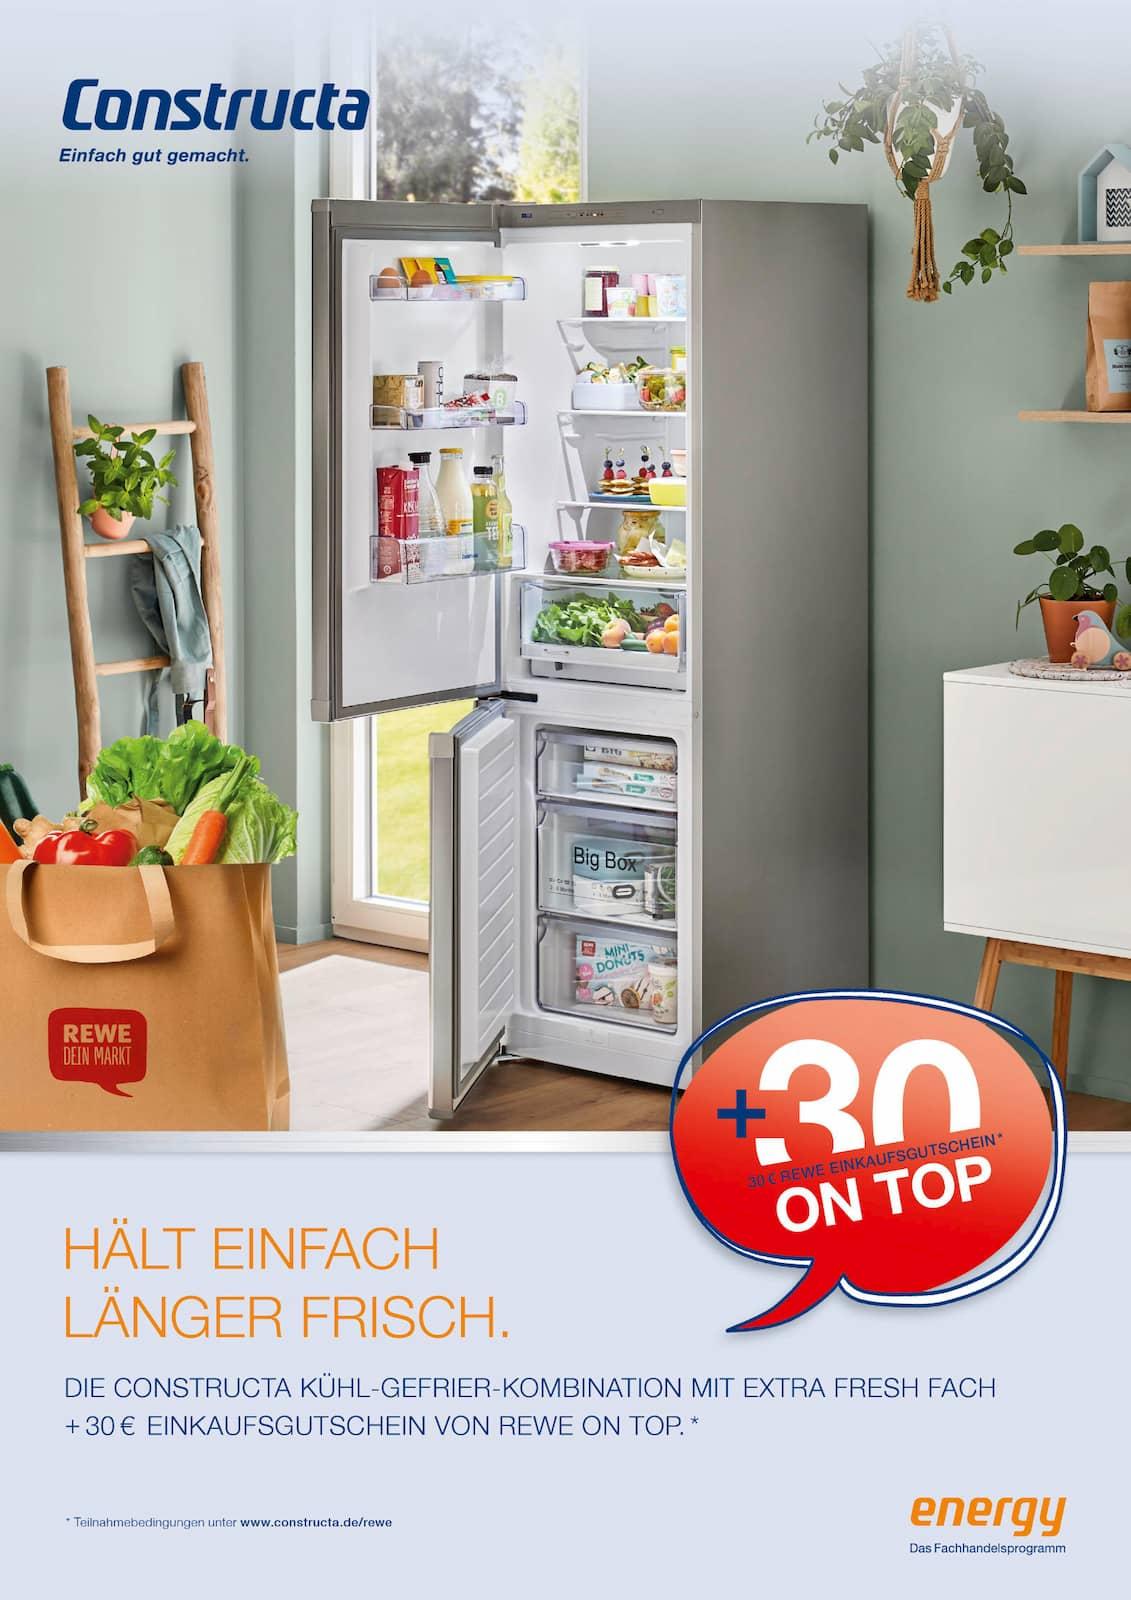 Jubiläumsaktion für den Mittelstandskreis: Constructa Kühl-Gefrier-Kombinationen.